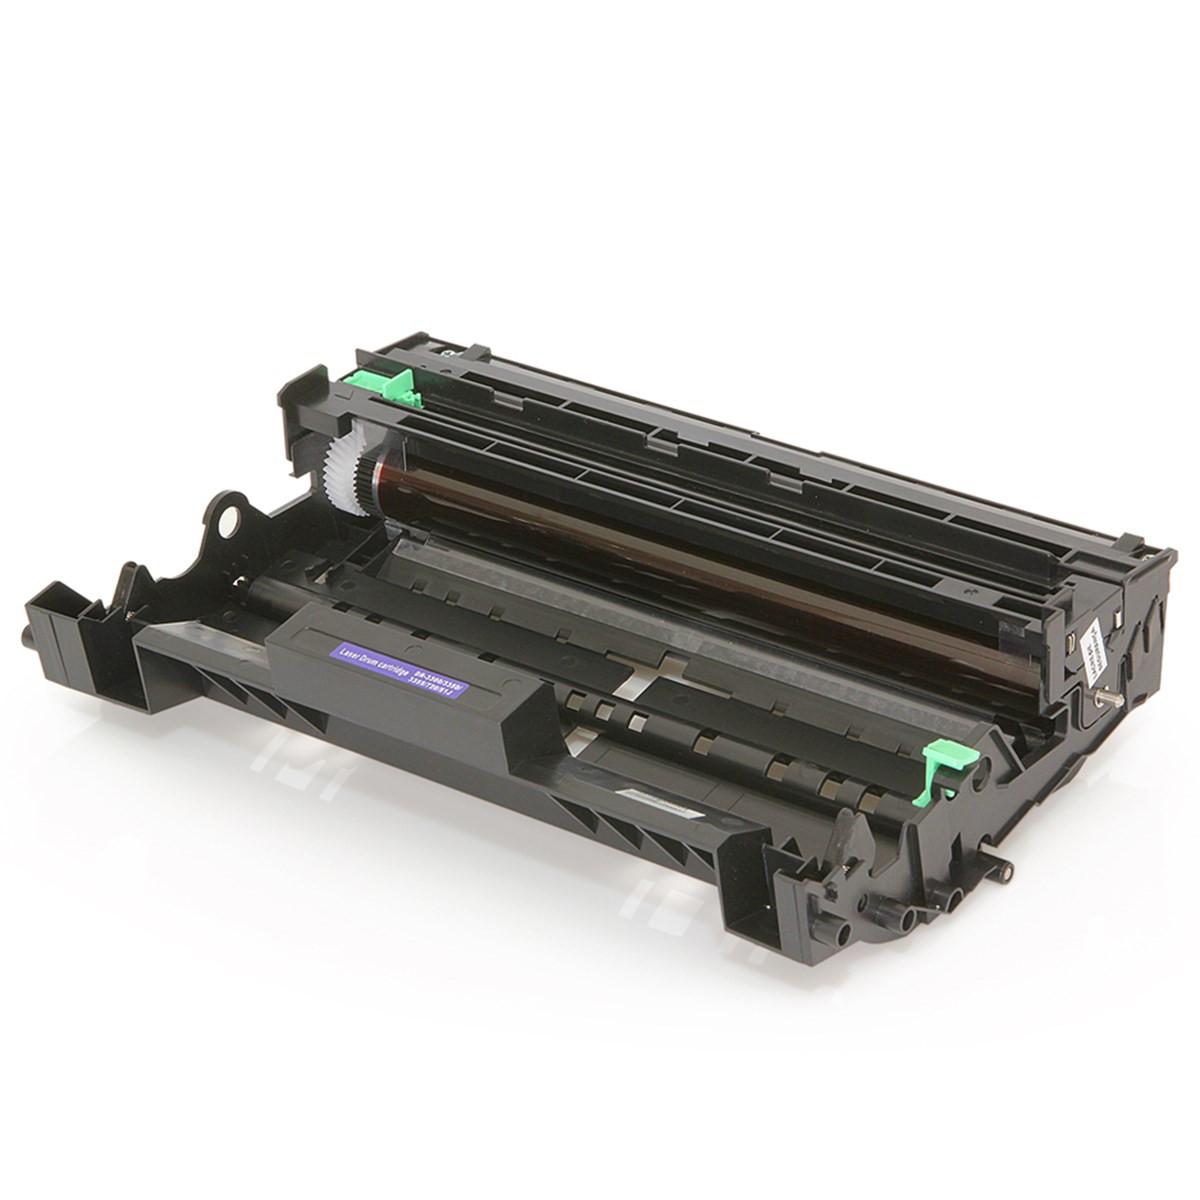 Cartucho de Cilindro Brother DR-2340 | para Toner TN2370 | Compatível Premium 12k